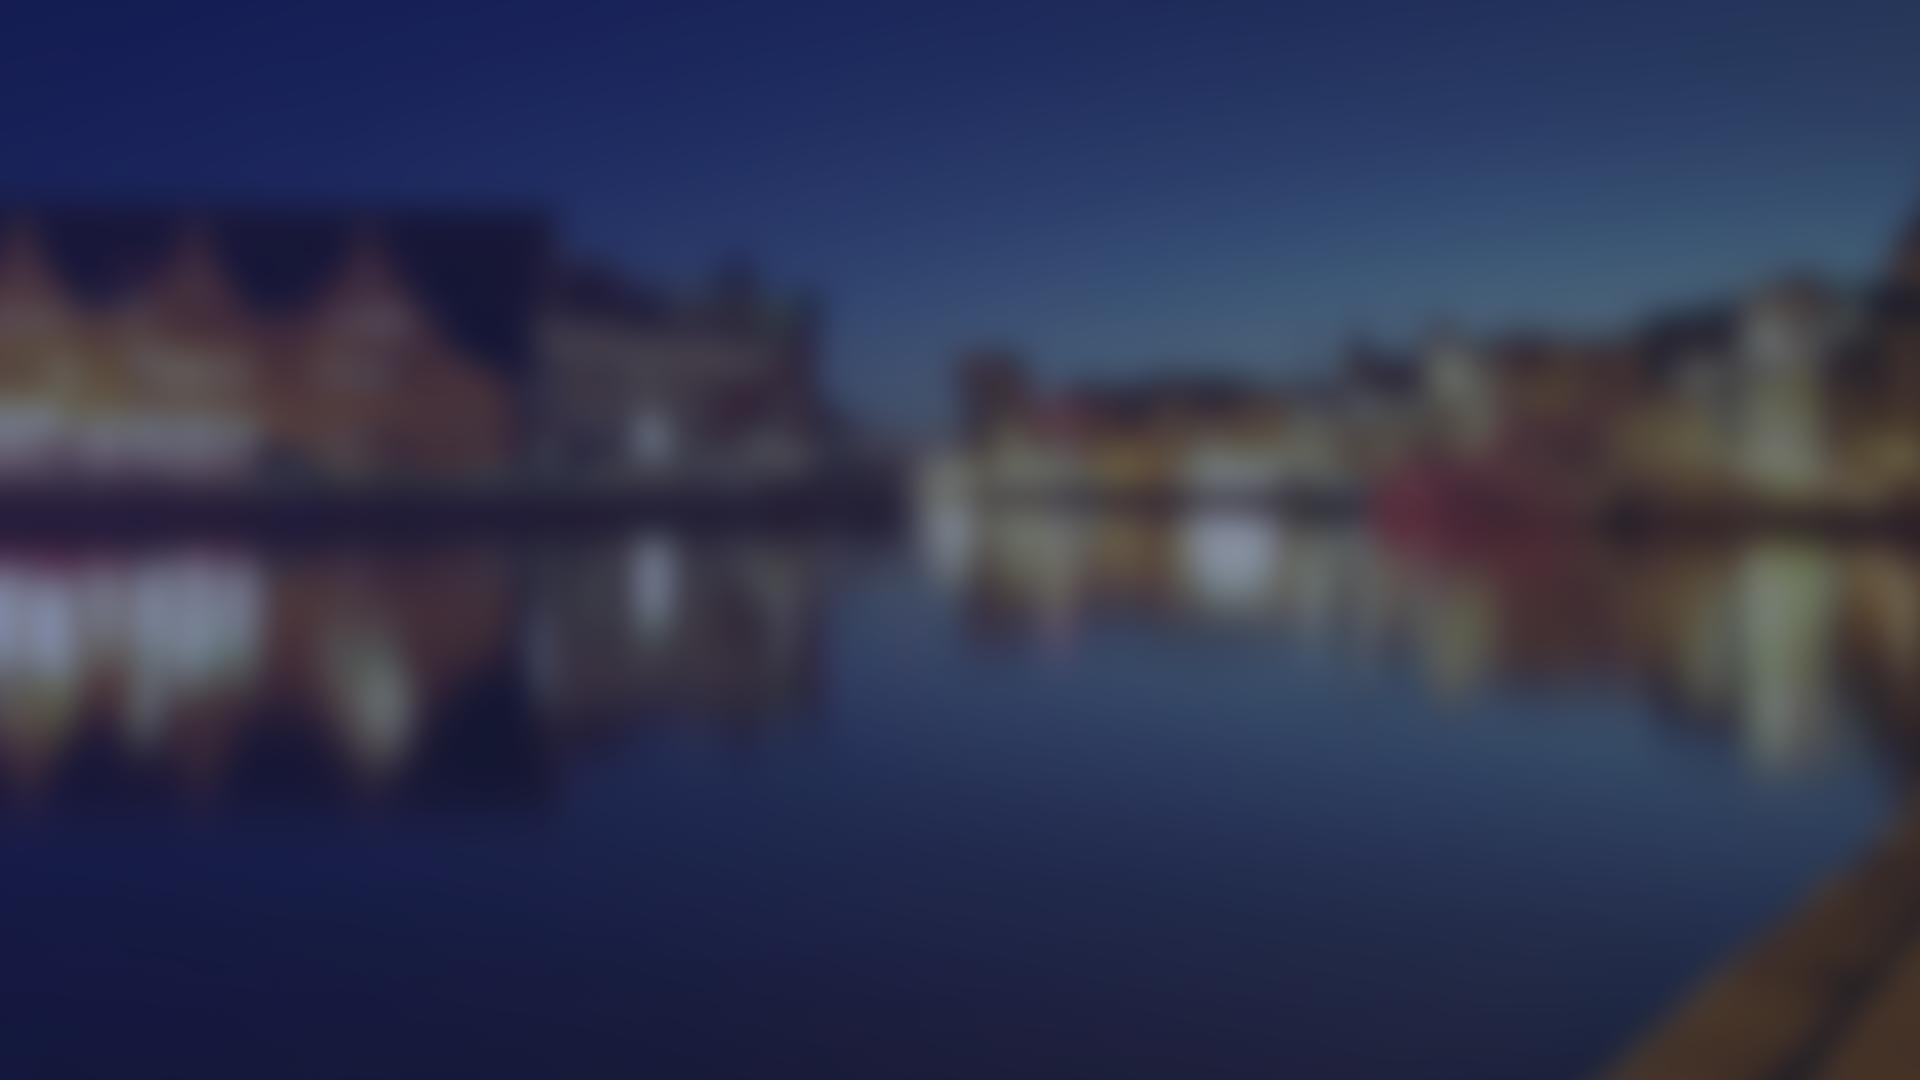 gdanskroi_blurred_bg